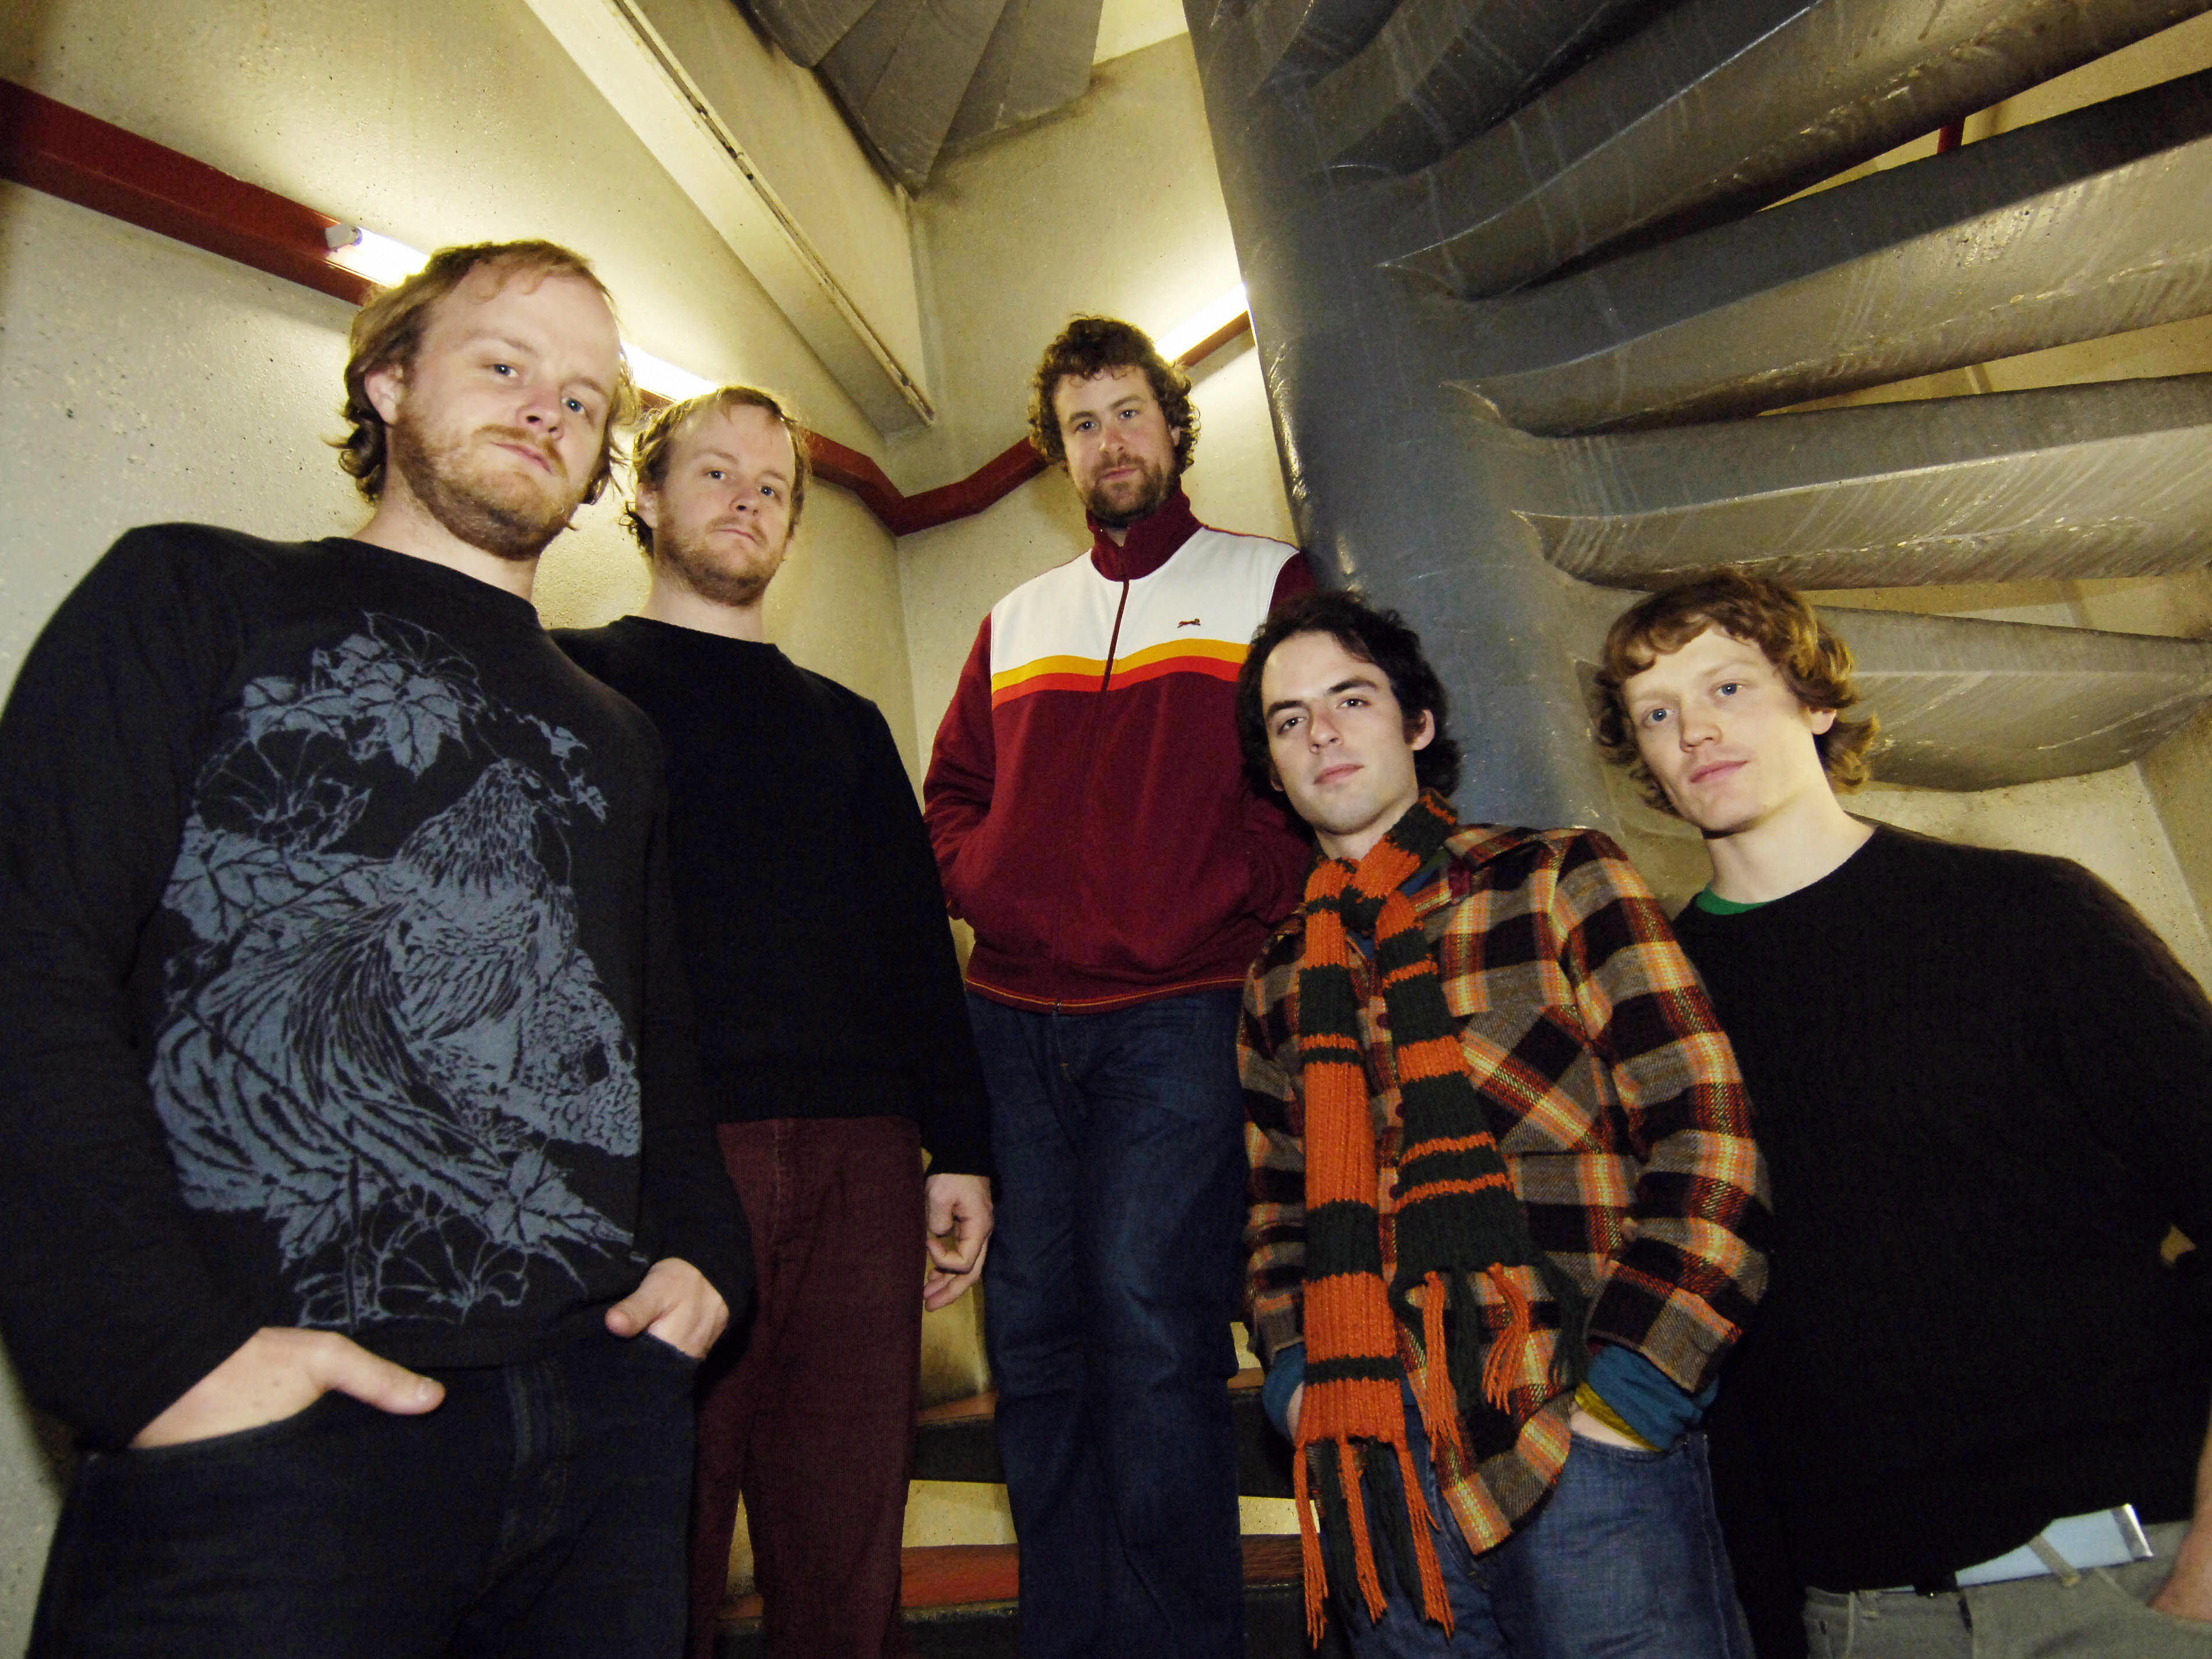 Clap Your Hands Say Yeah 2008 Australian tour